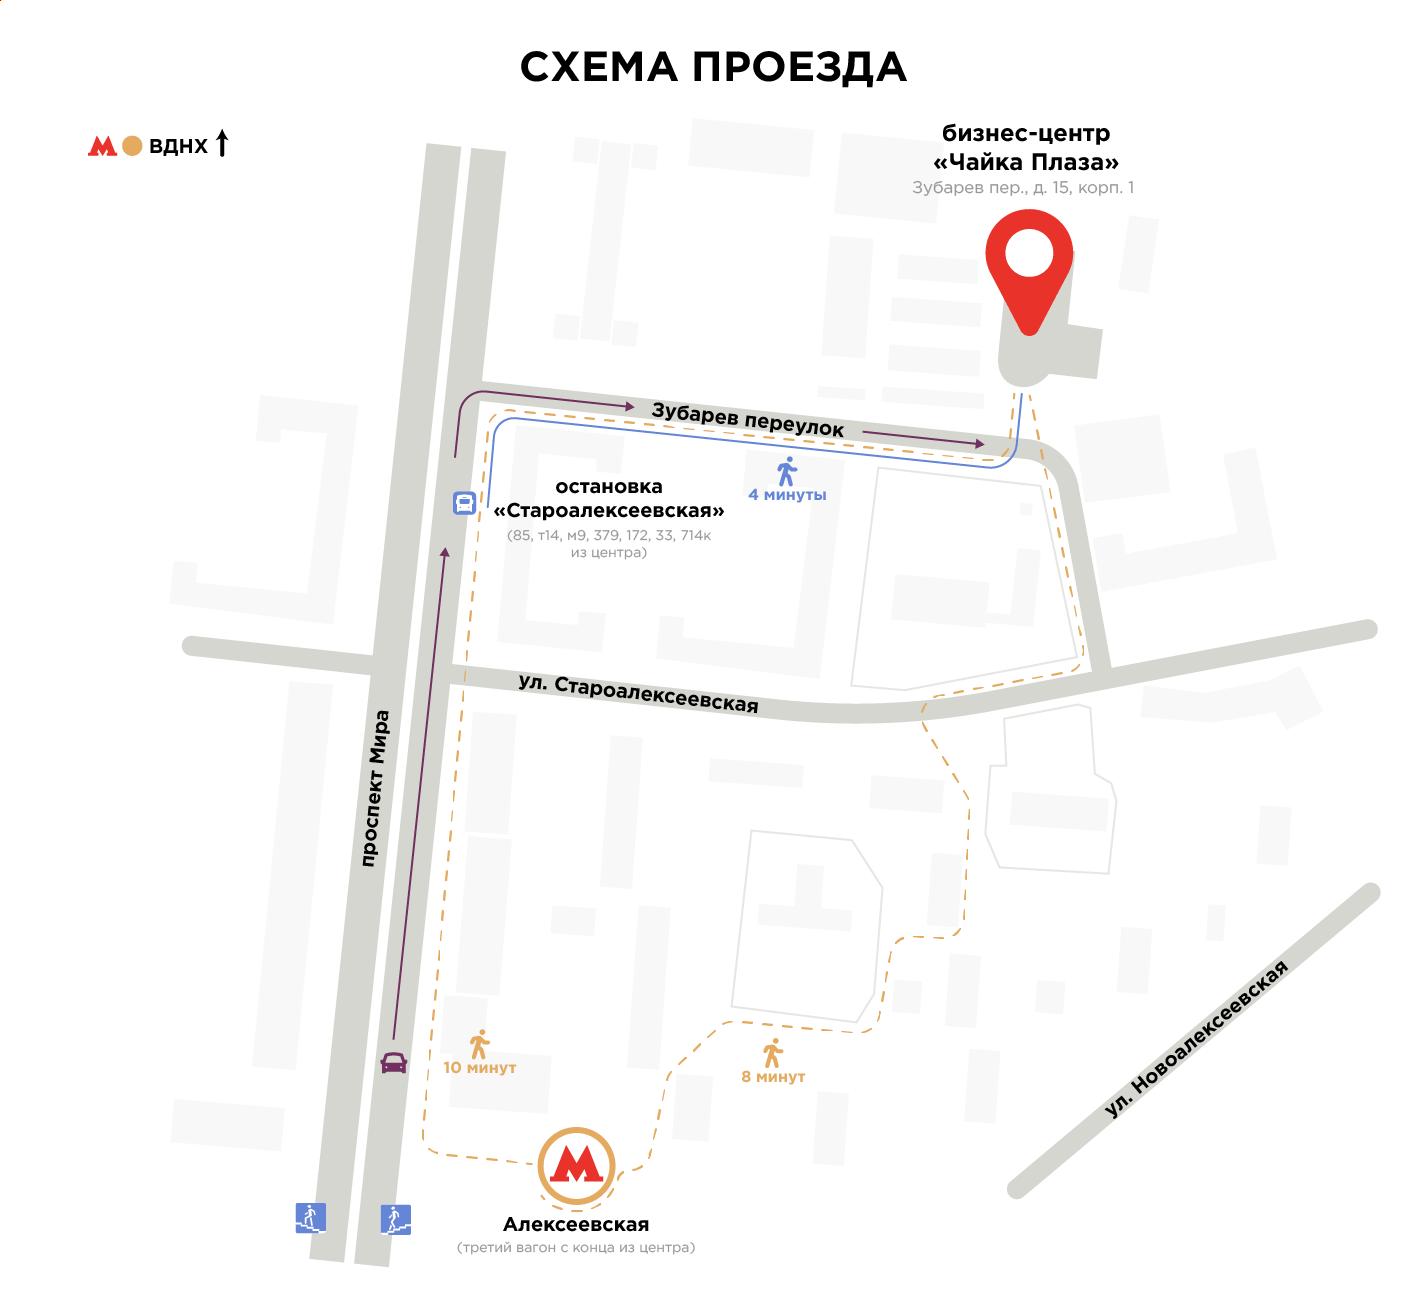 Москва, ул. Большая Академическая, д. 5а, +7 (495) 925-33-17